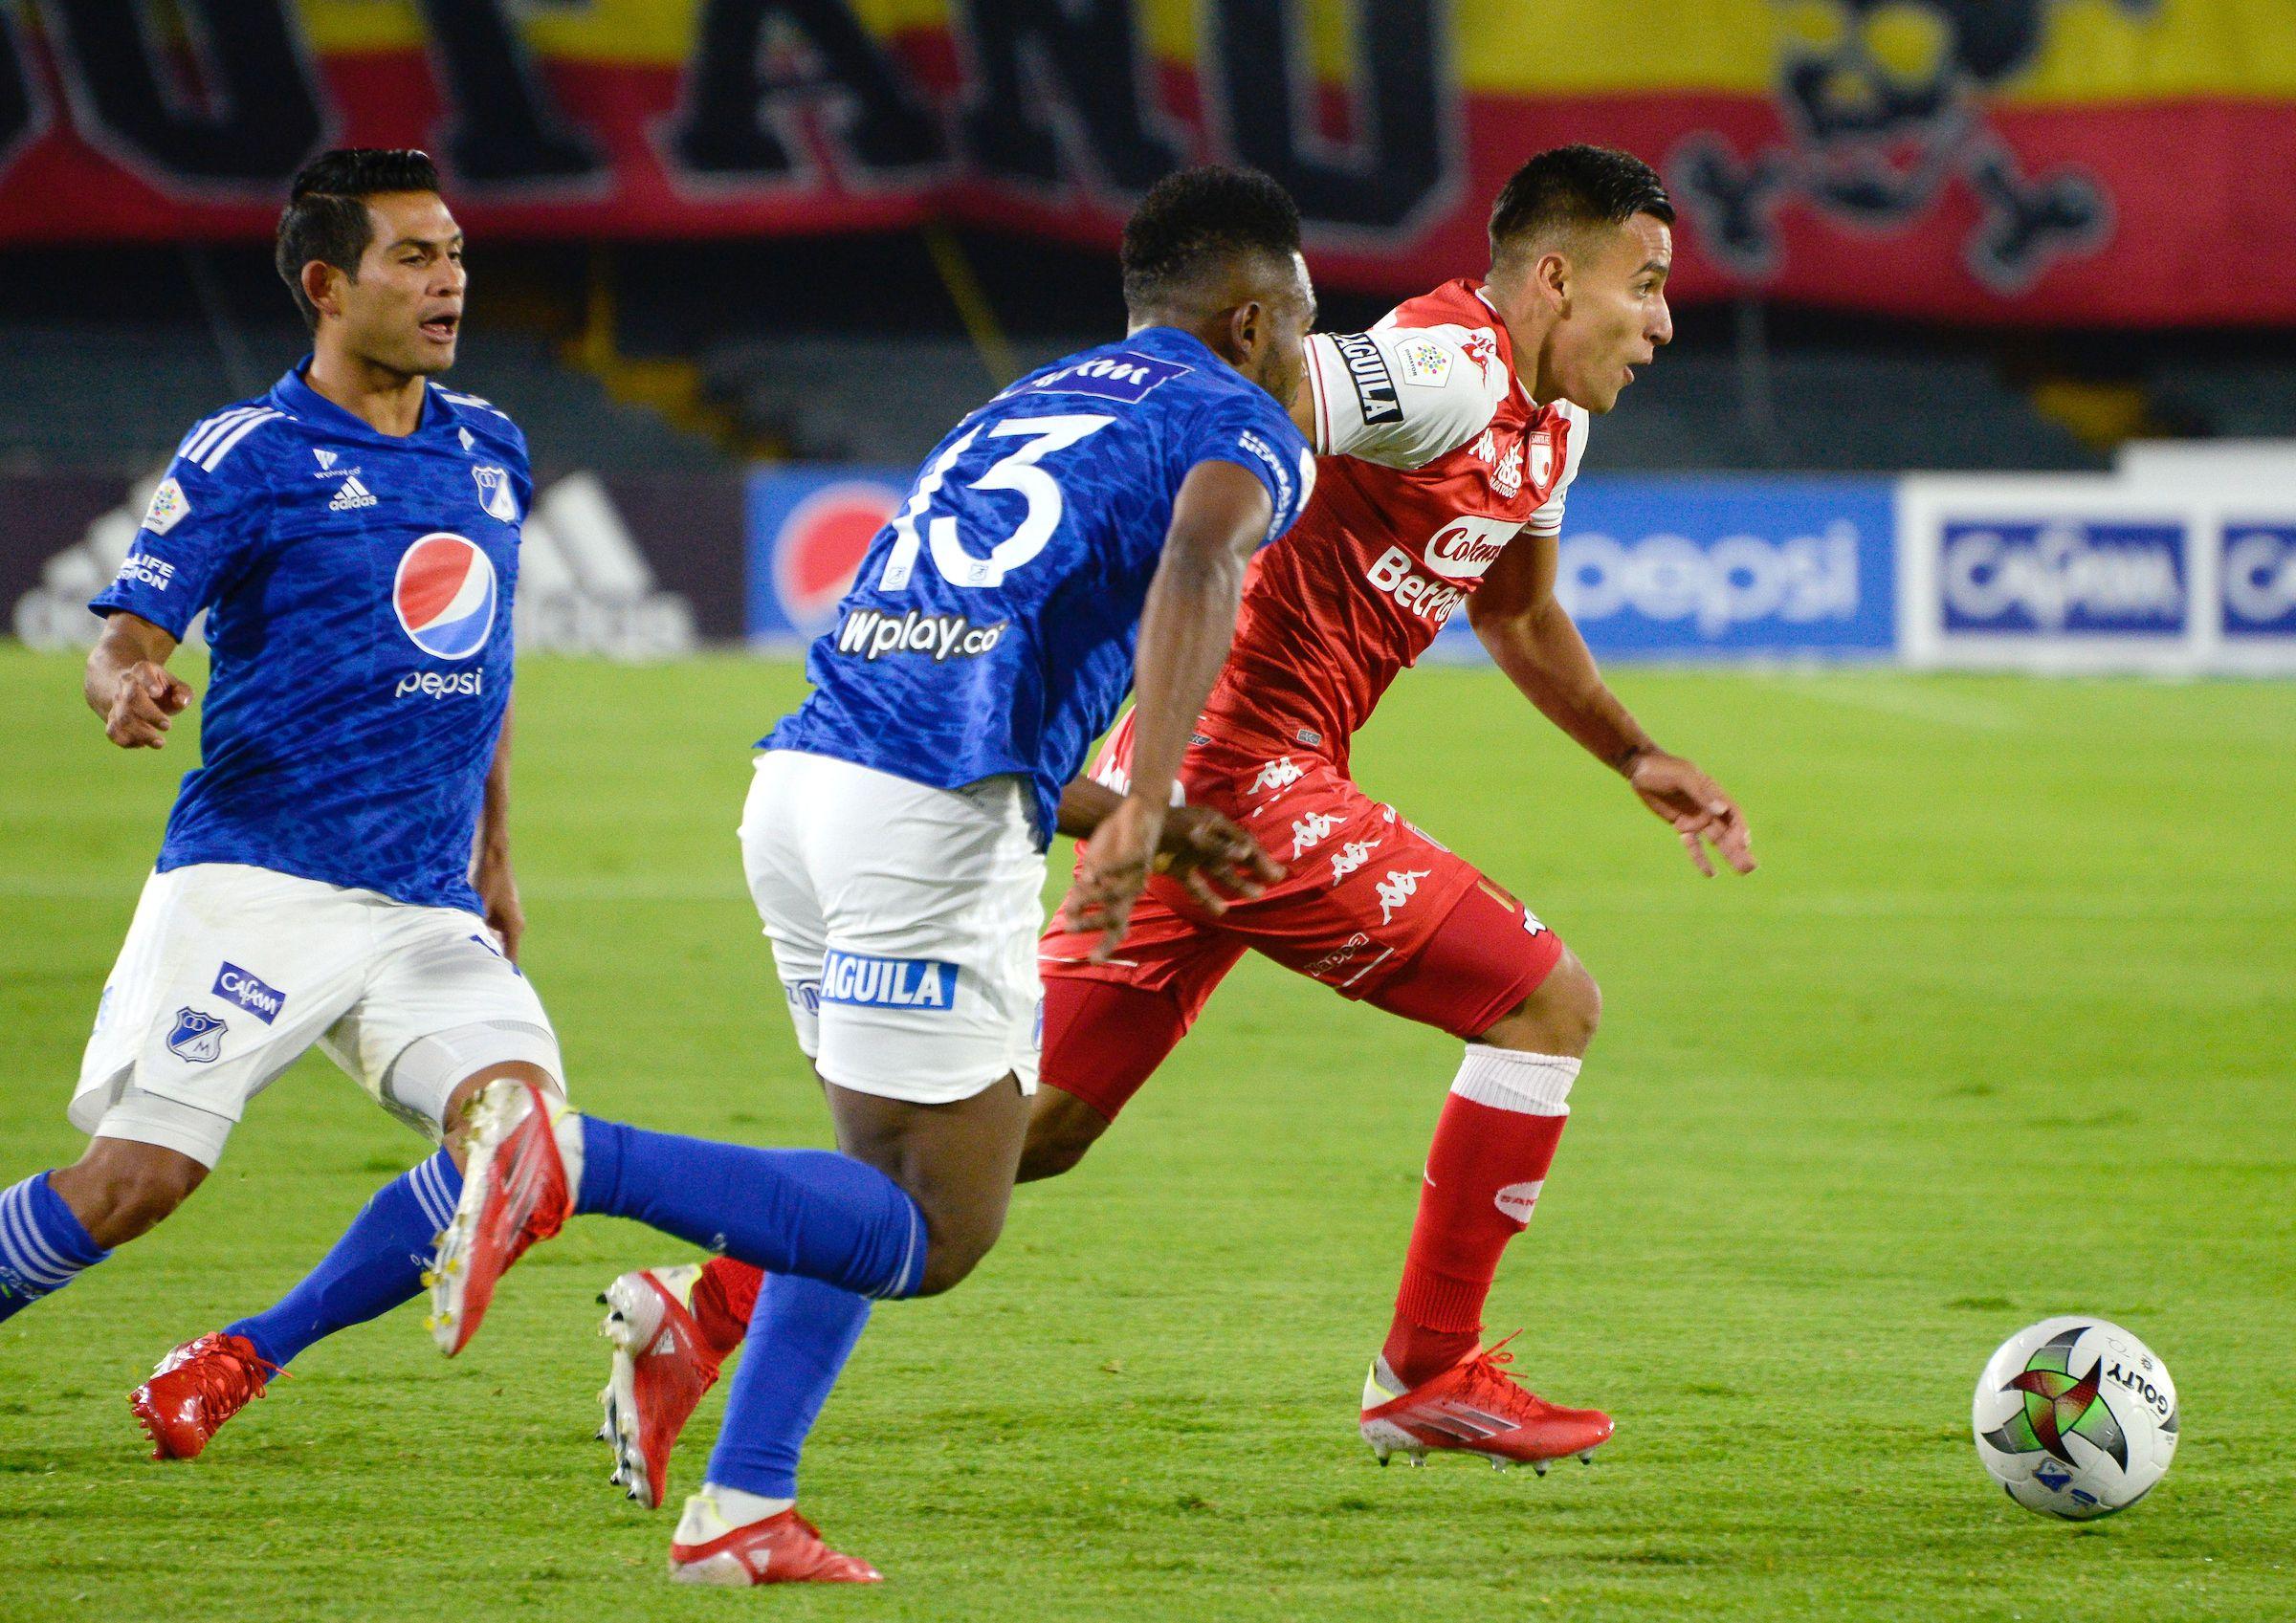 BOGOTÁ.  7 de agosto de 2021. Millonario e Independiente Santa Fe se enfrentaron en el estadio El Campín, en juego válido por la cuarta fecha de la Liga Betplay II-2021. (Cortesía Dimayor)